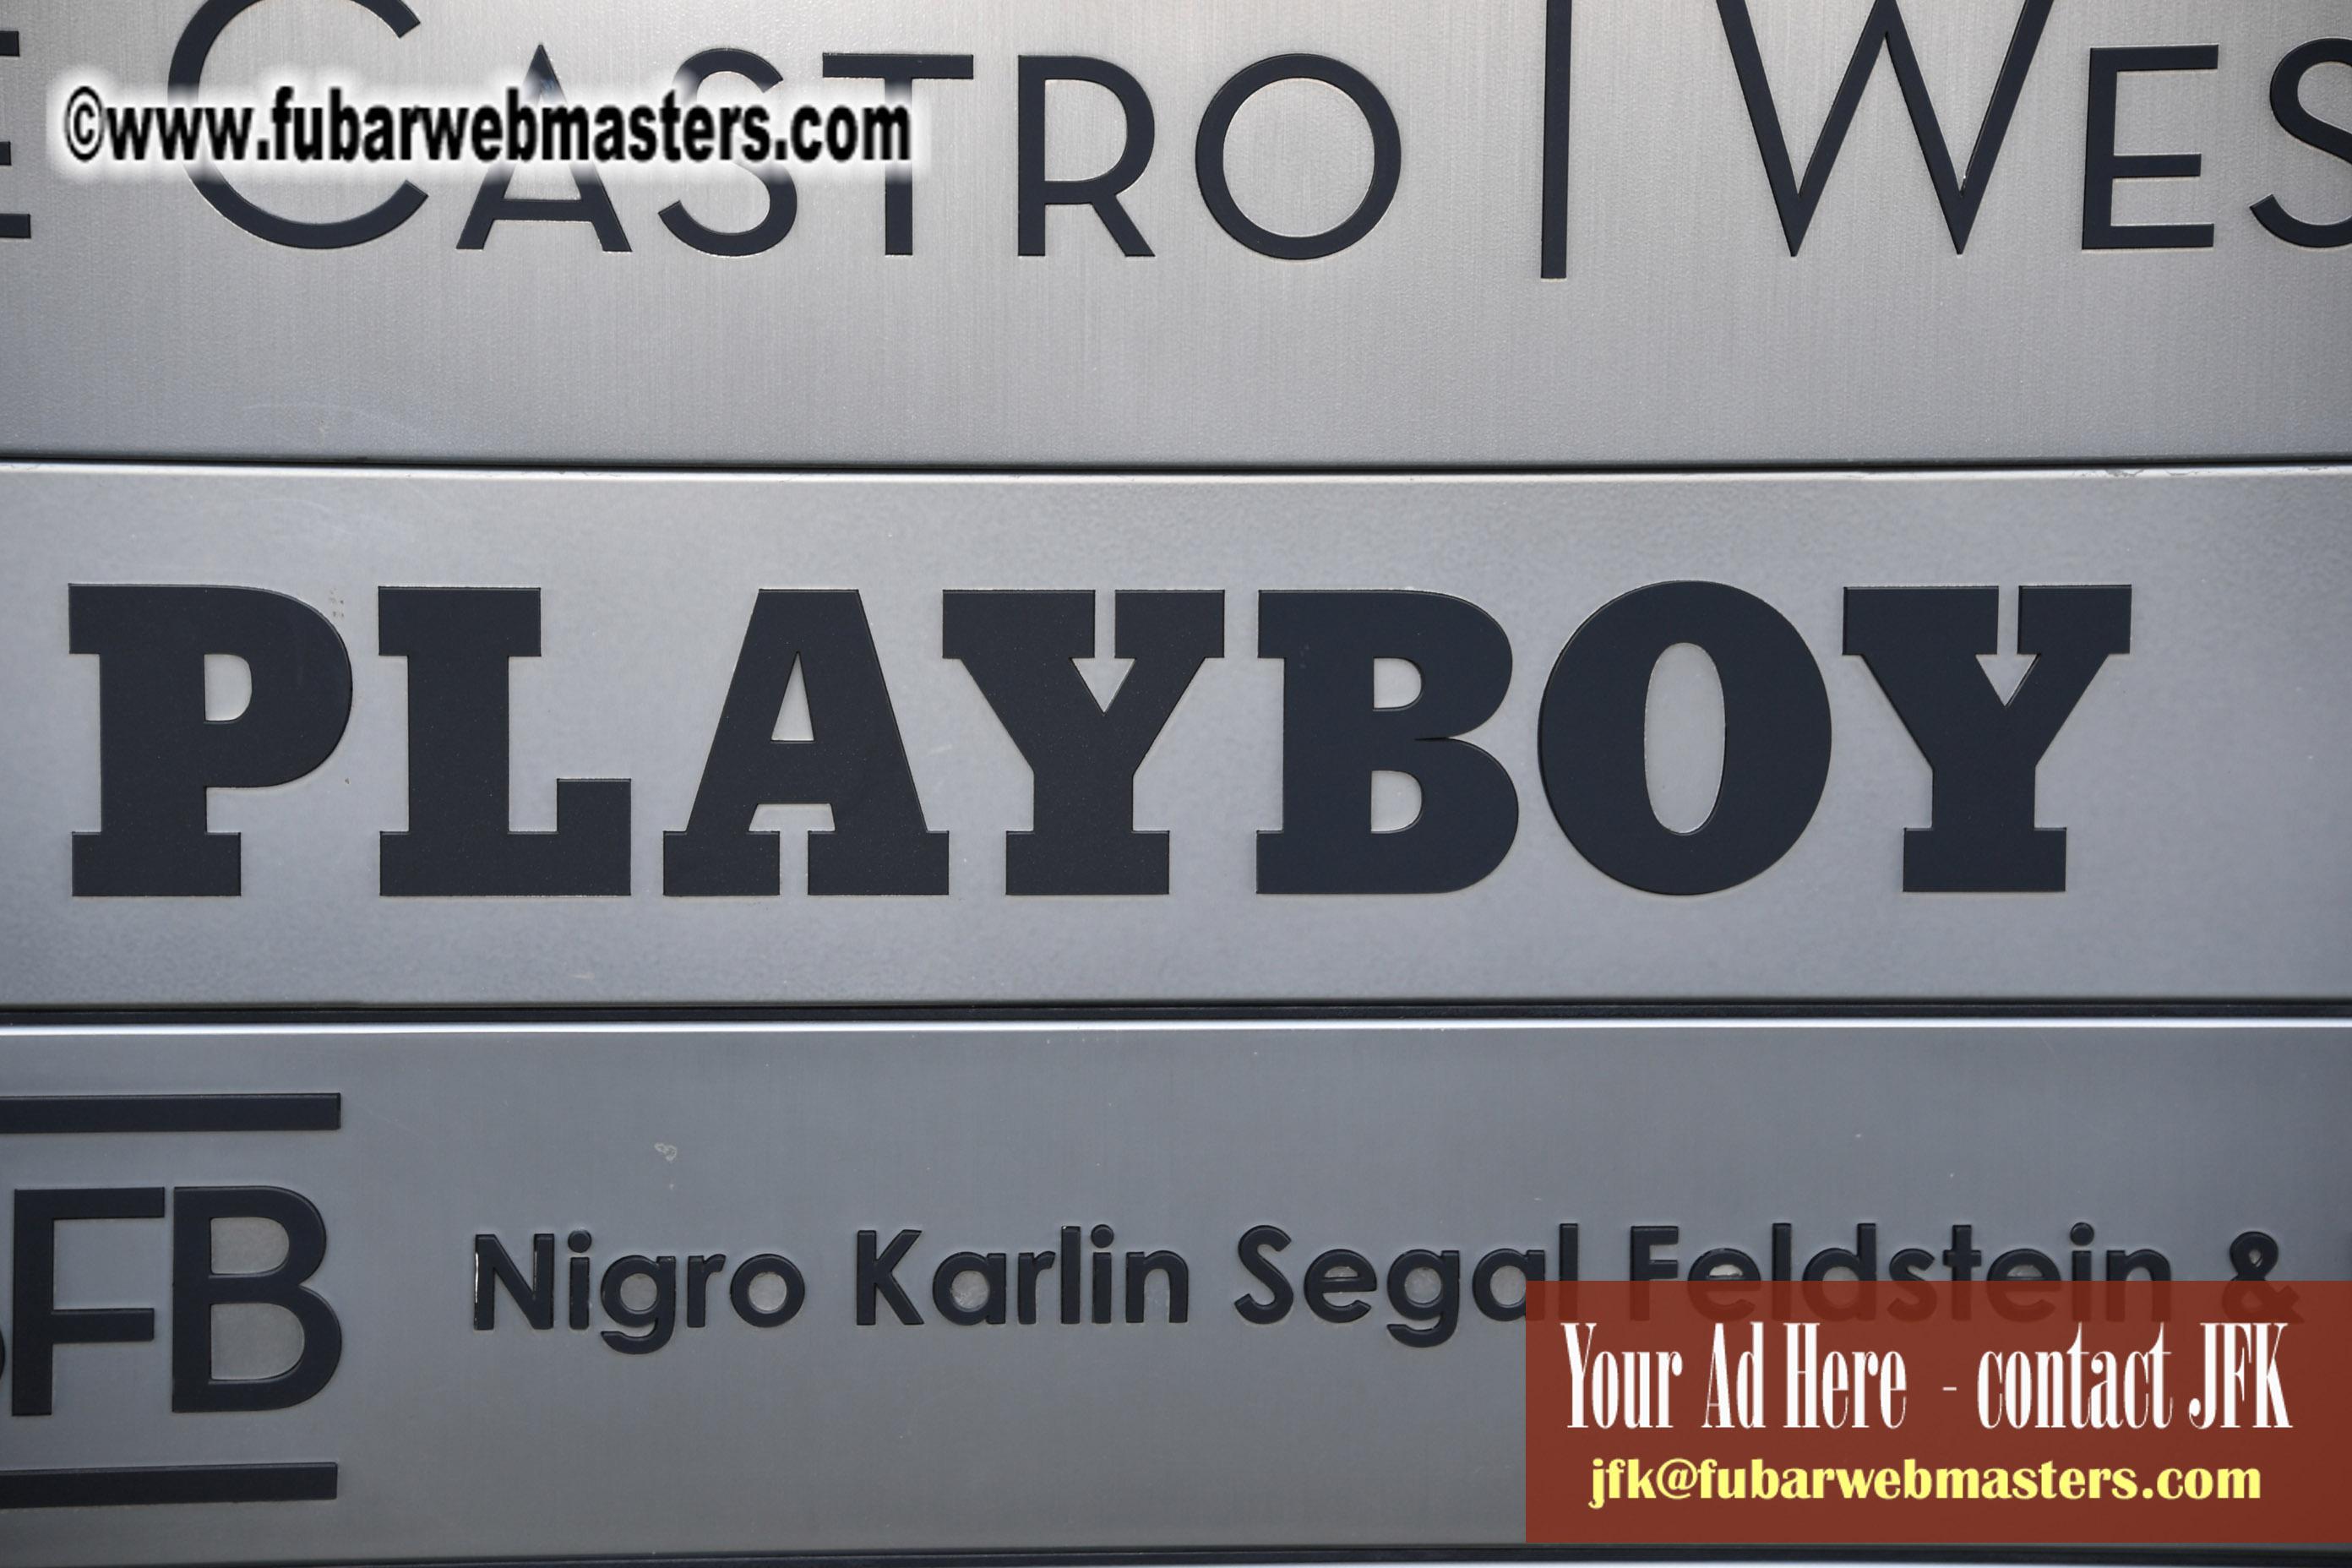 Playboy Mixer